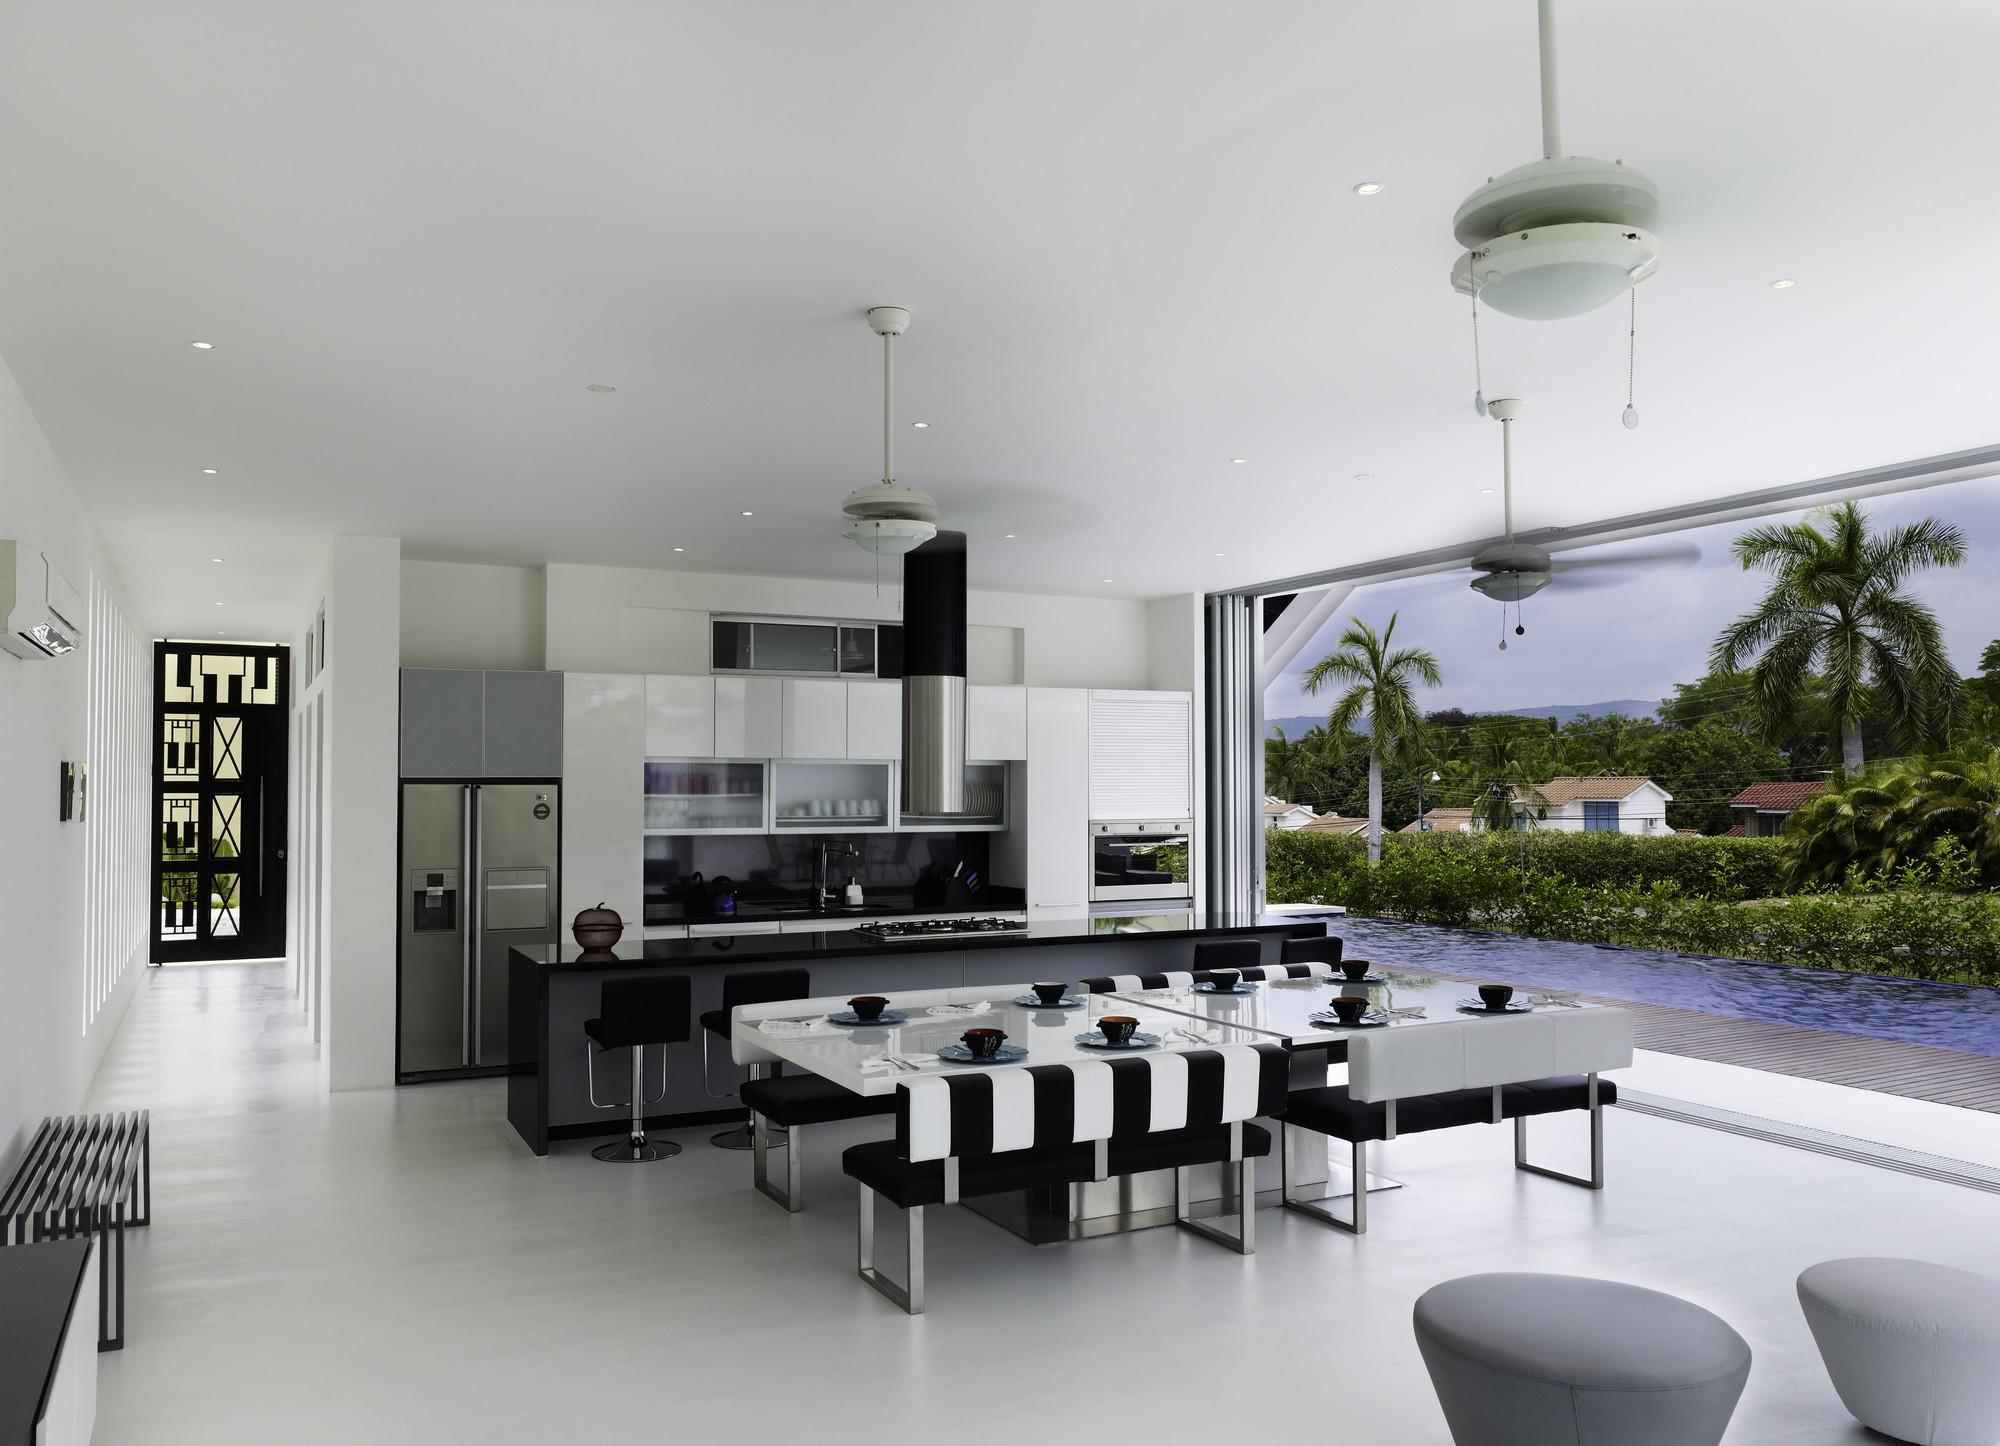 Givanni Kitchen Design